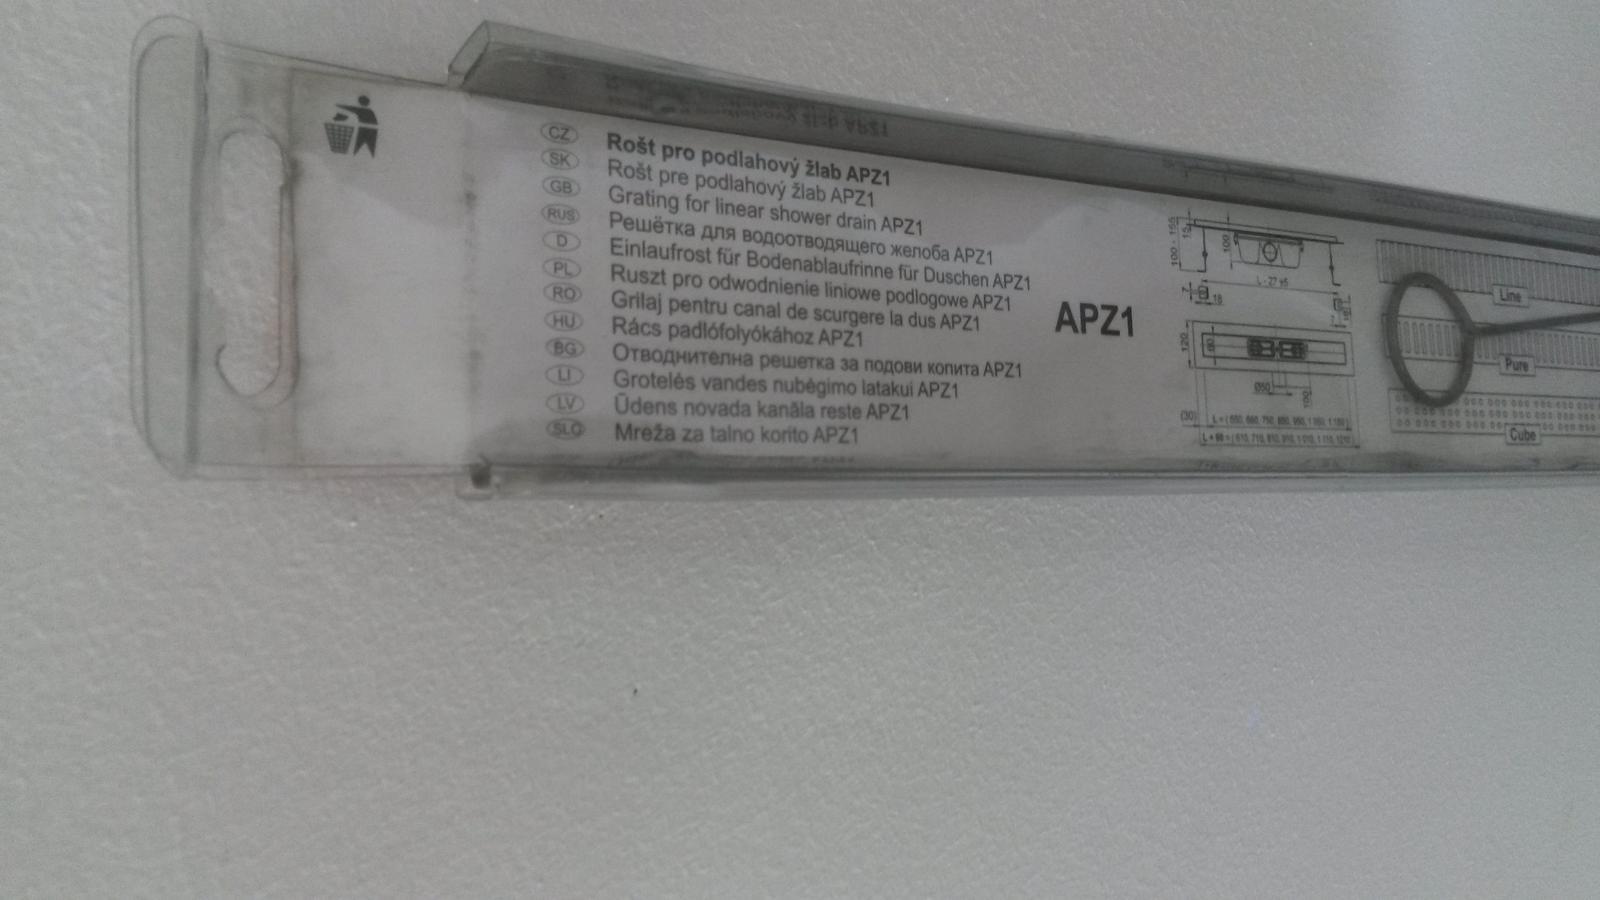 kryt na sprch.zlab, - 8 € | bazár pre bývanie | modrastrecha.sk